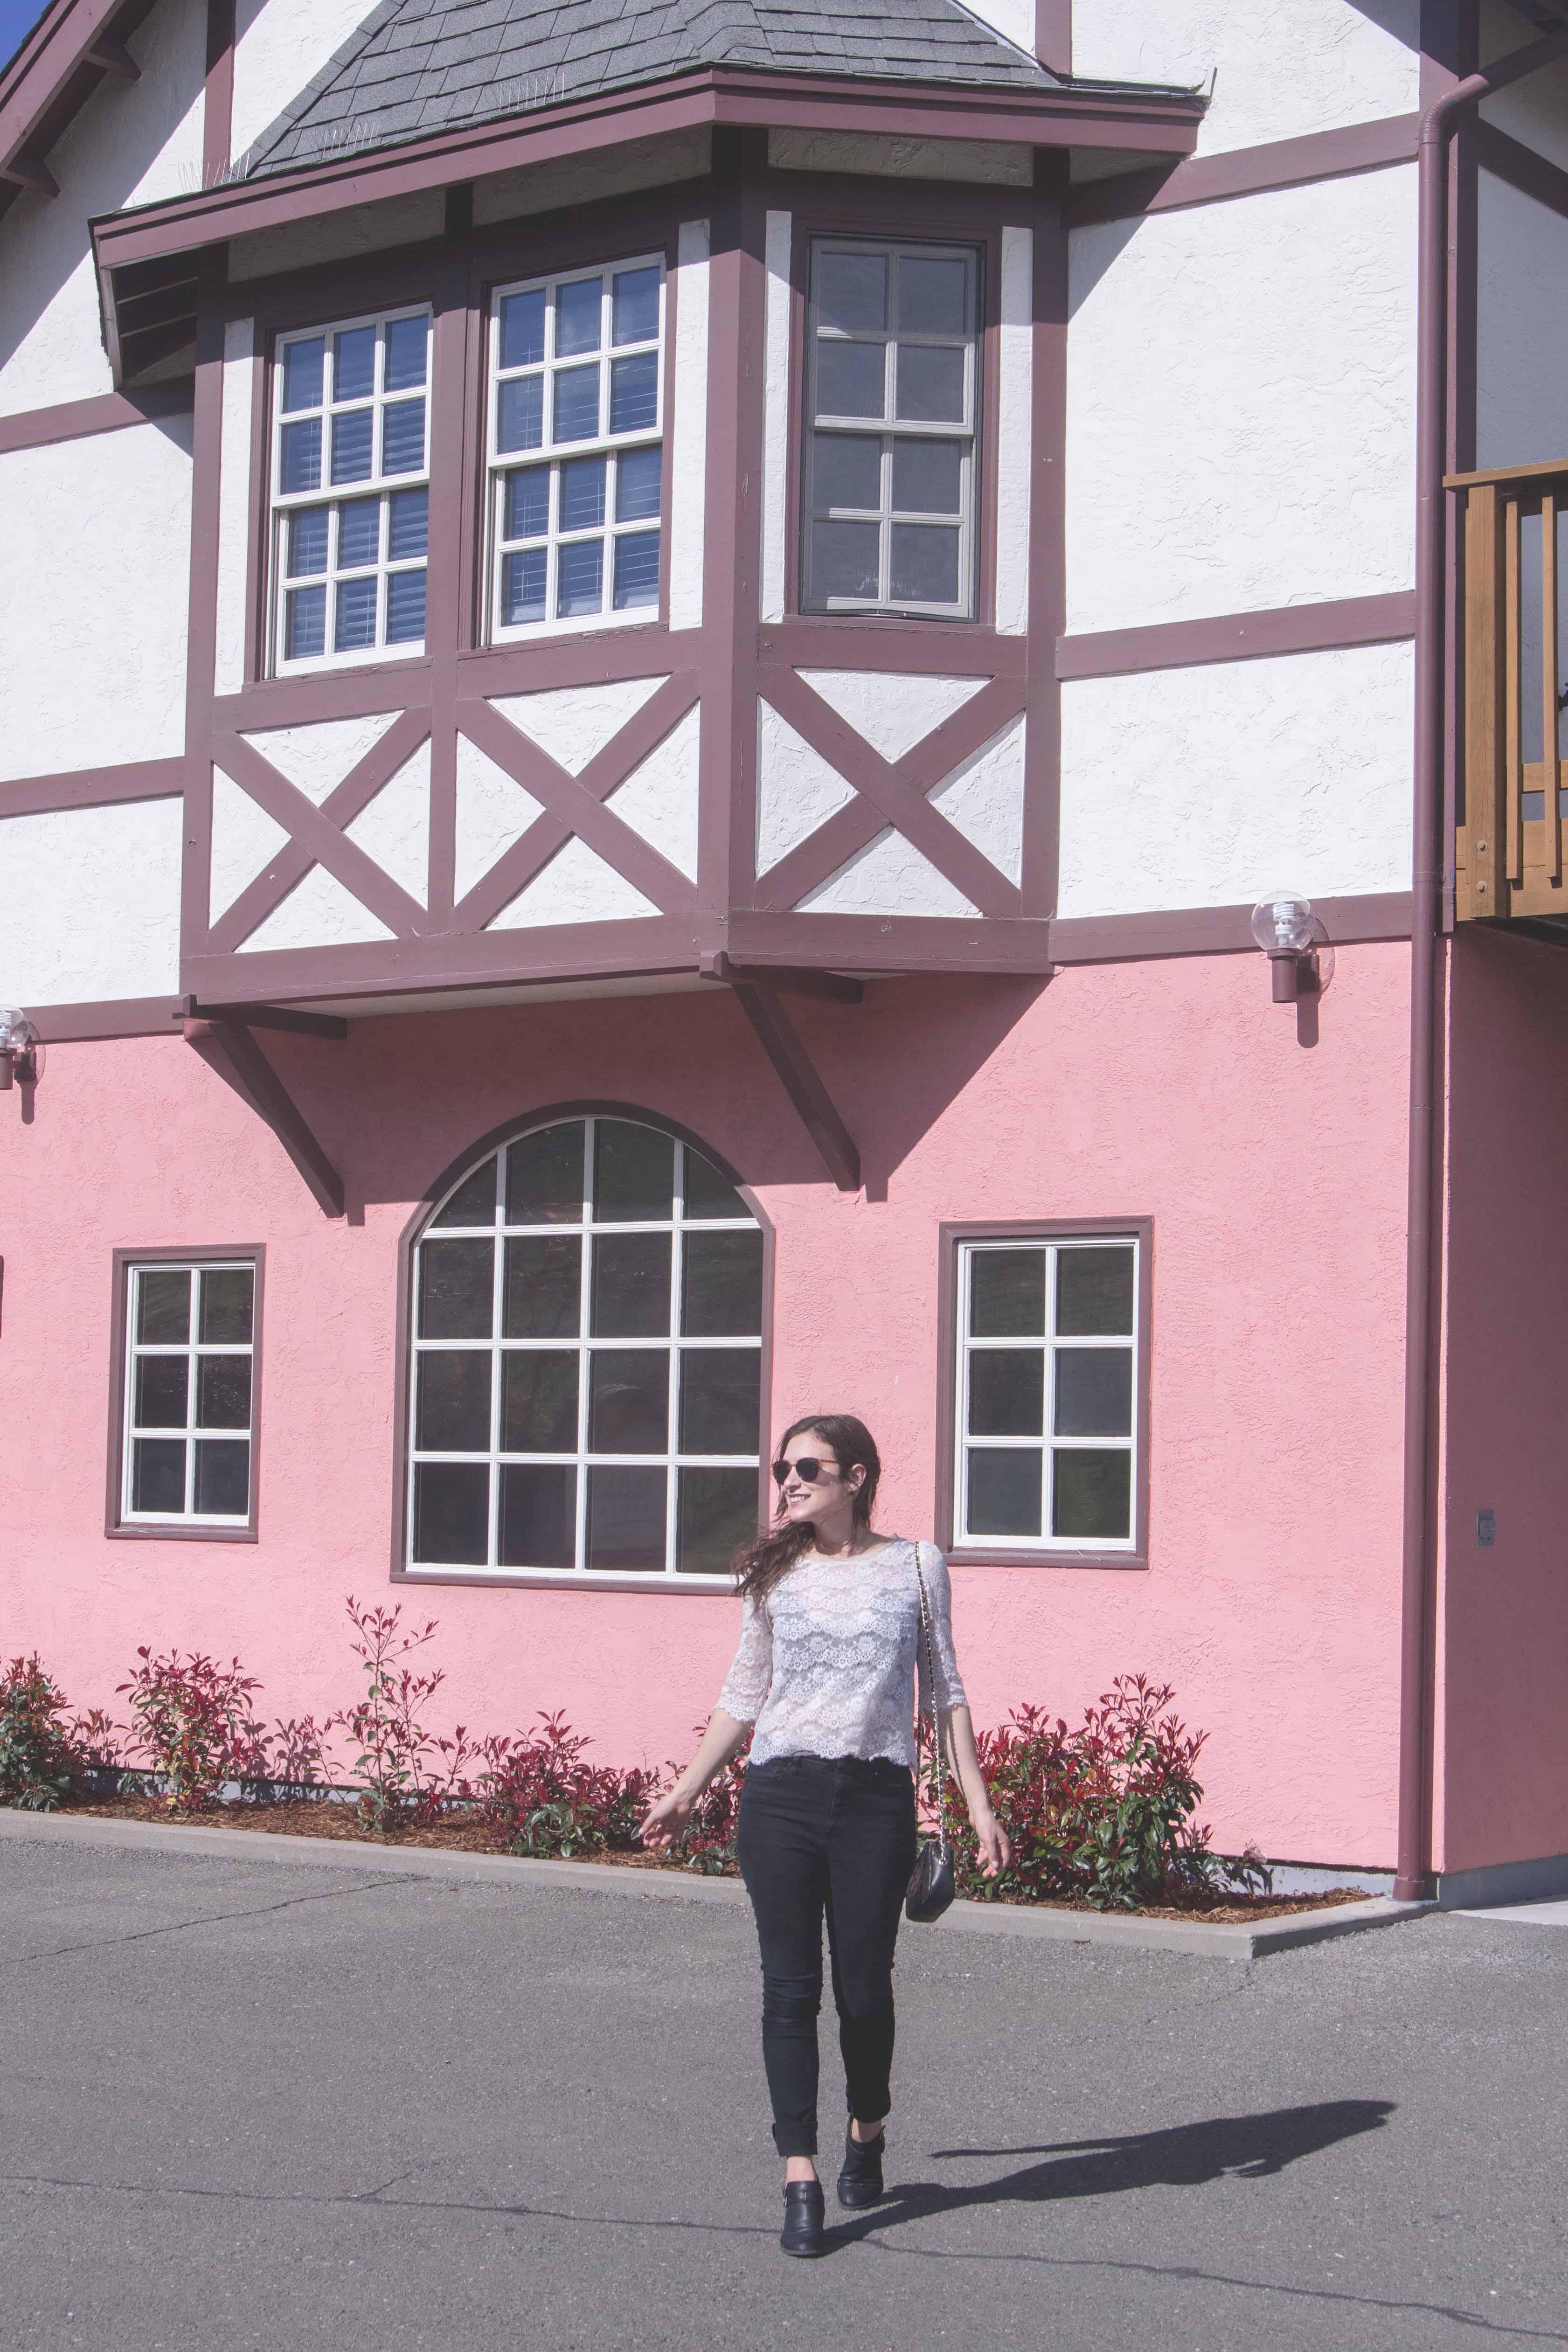 Schug Carneros Estate Winery in Sonoma County, California